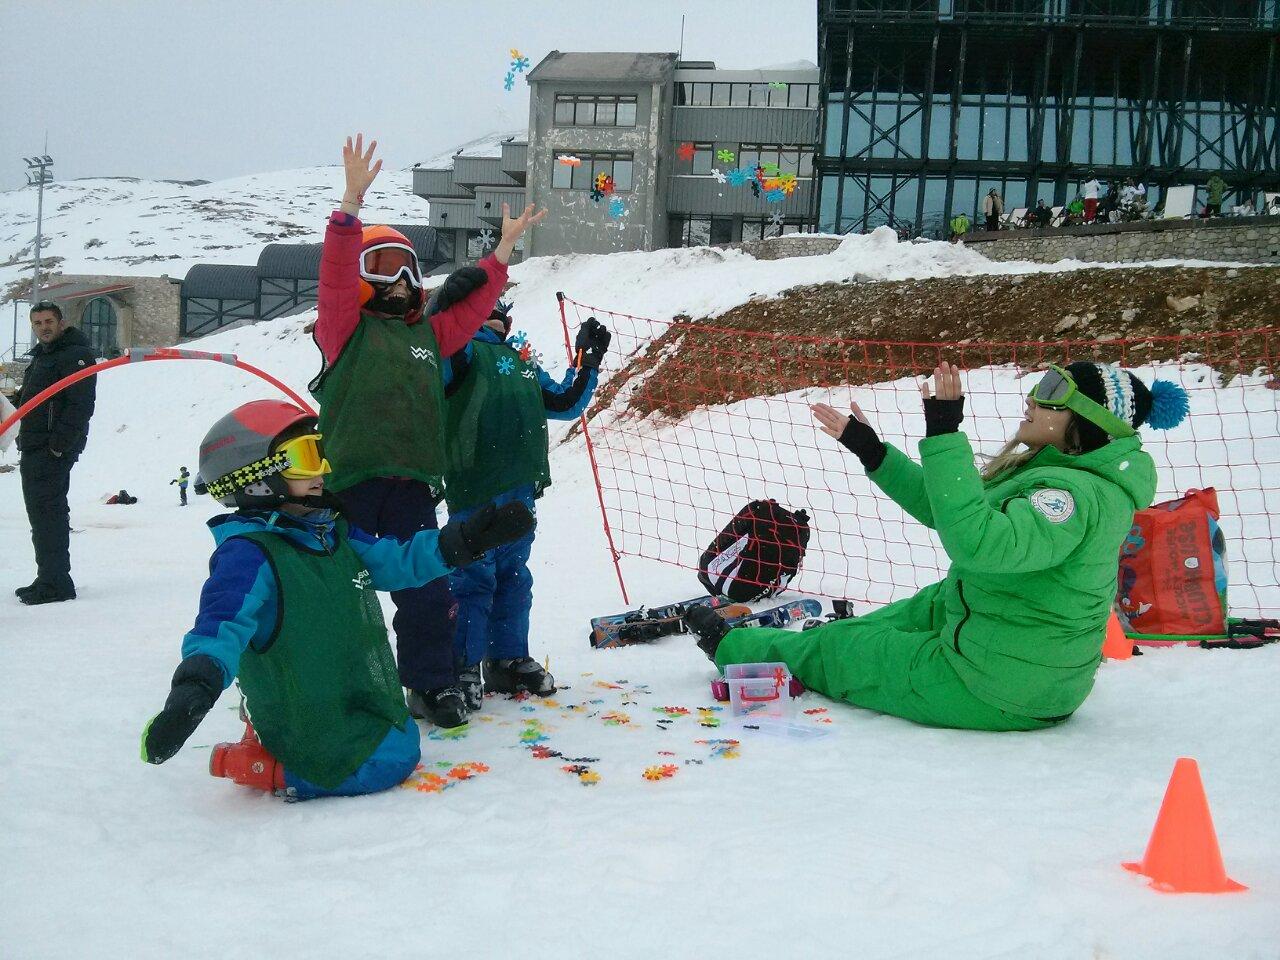 Η εκπαιδεύτρια σκι διασκεδάζει στο βουνό τρεις μικρούς σκιερ με